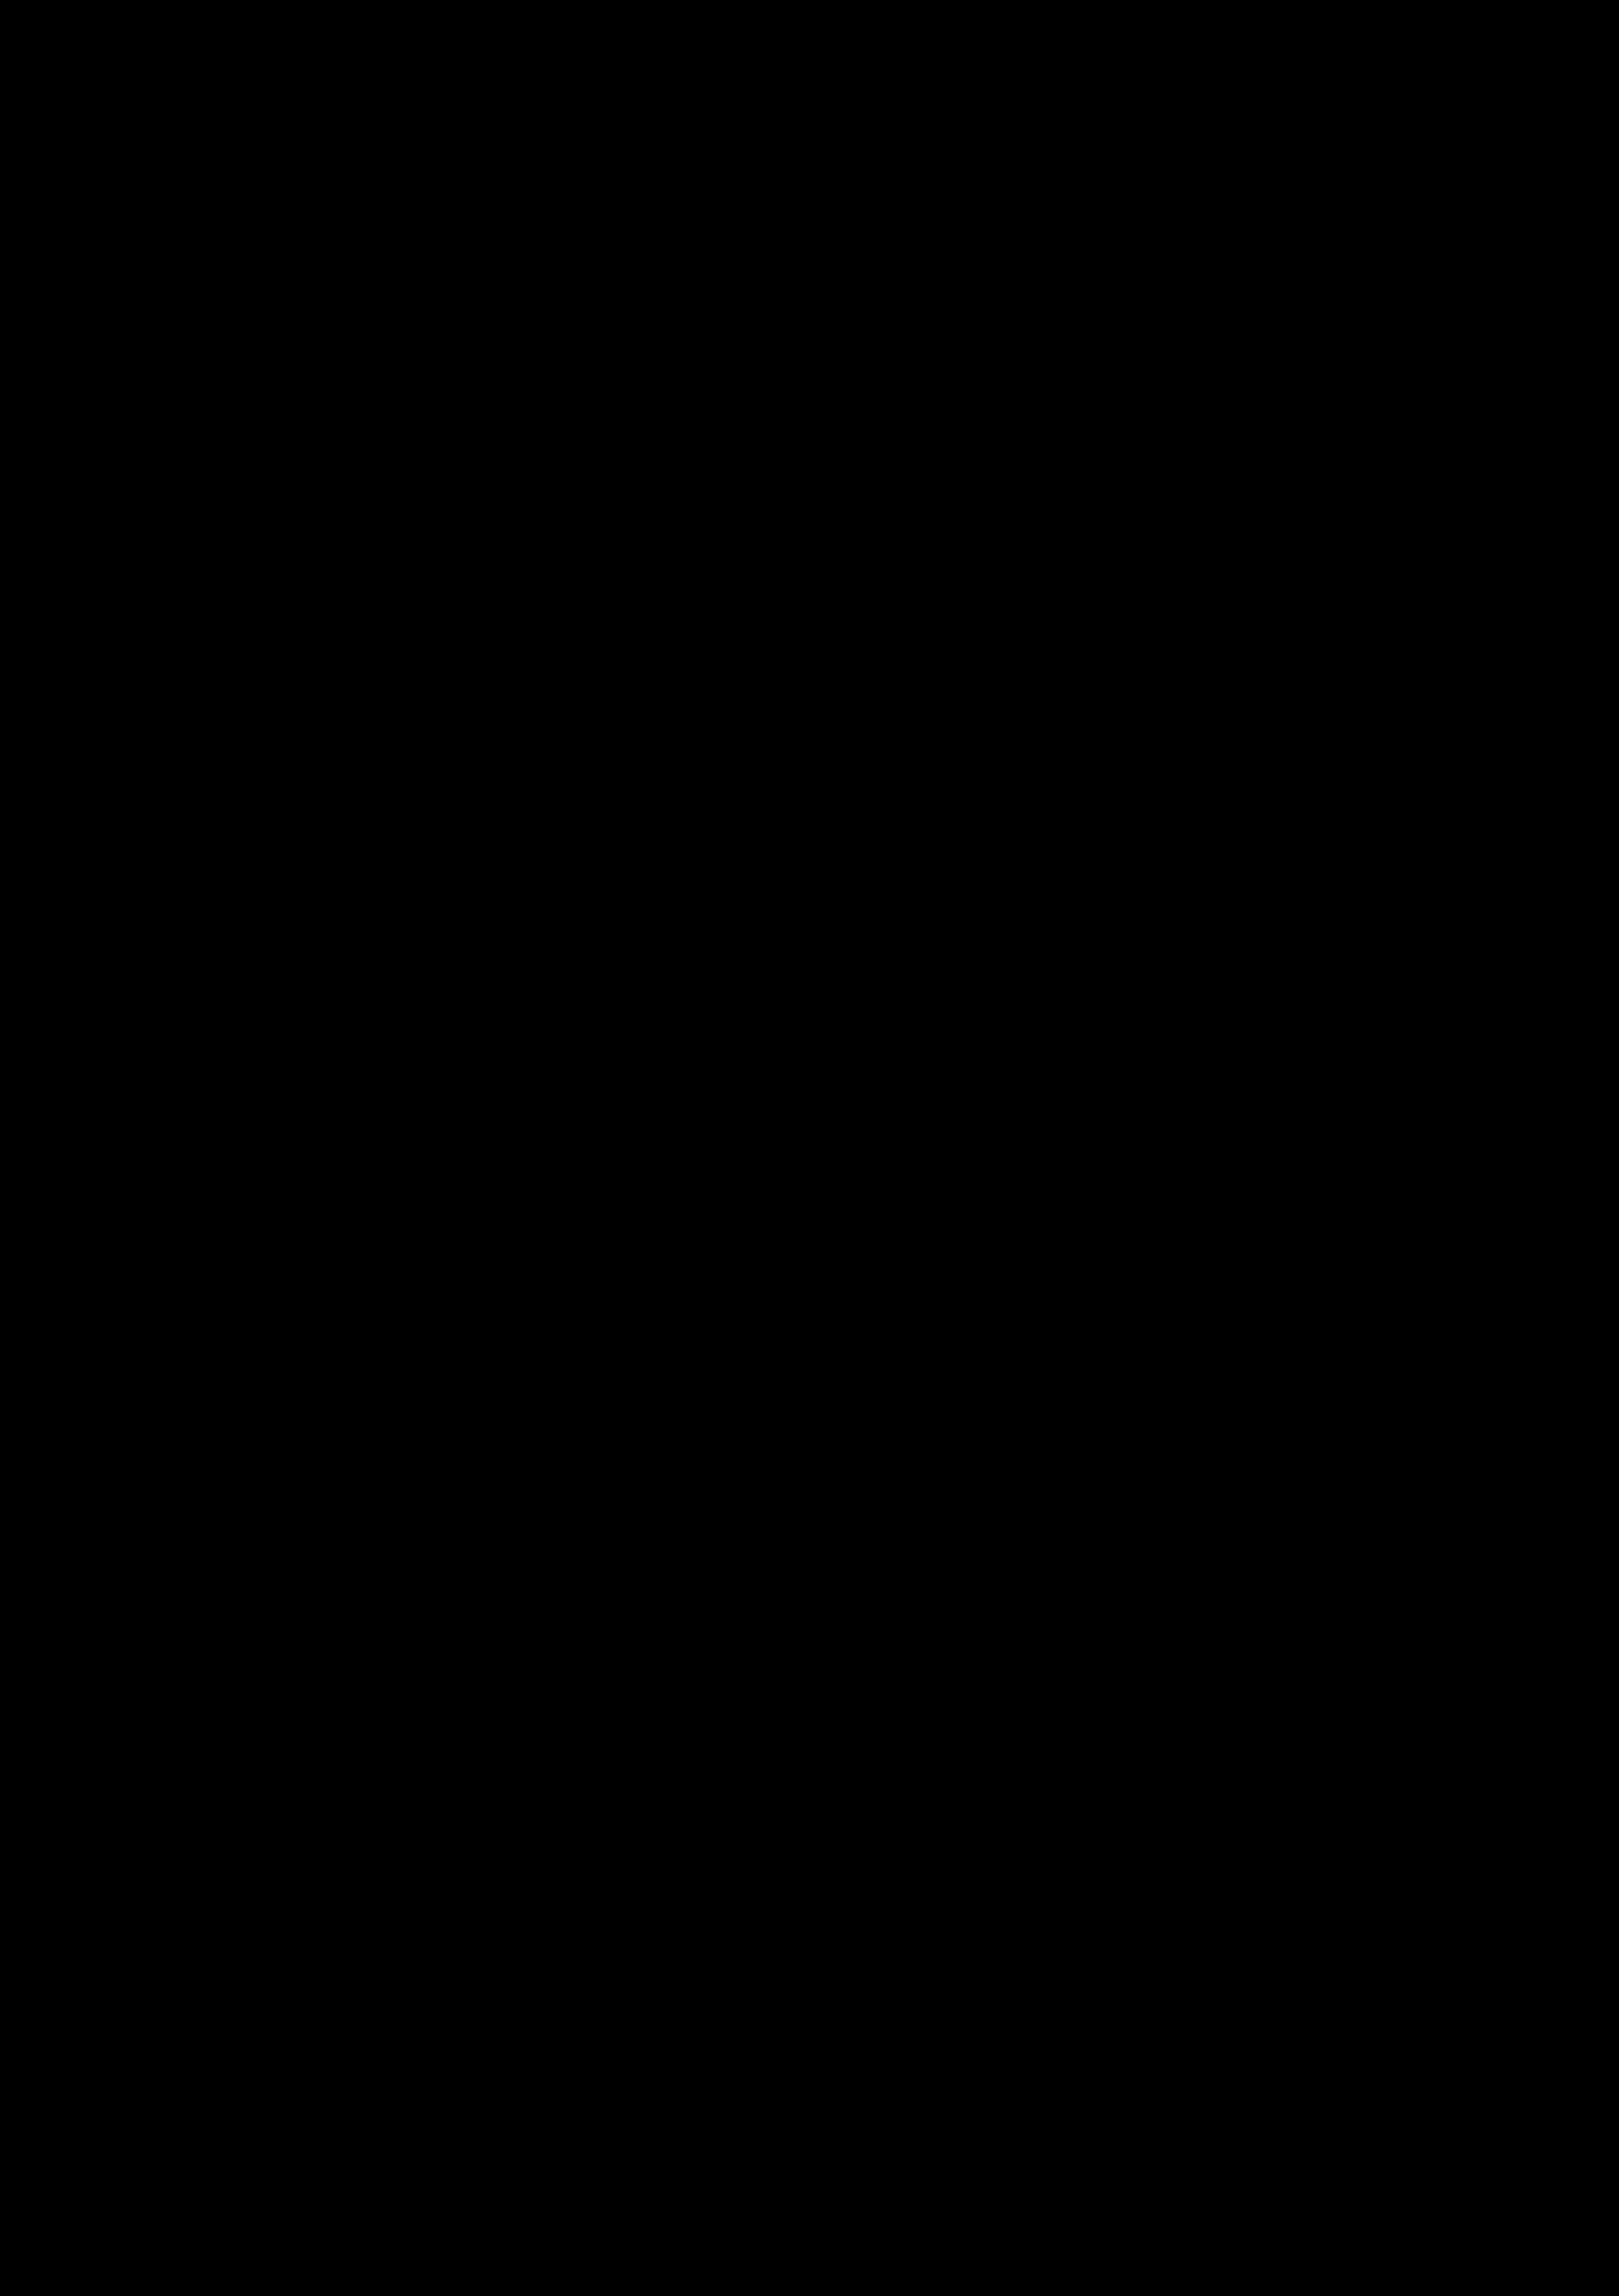 Poster : Les mangroves un écosystème sous juridiction française à protéger